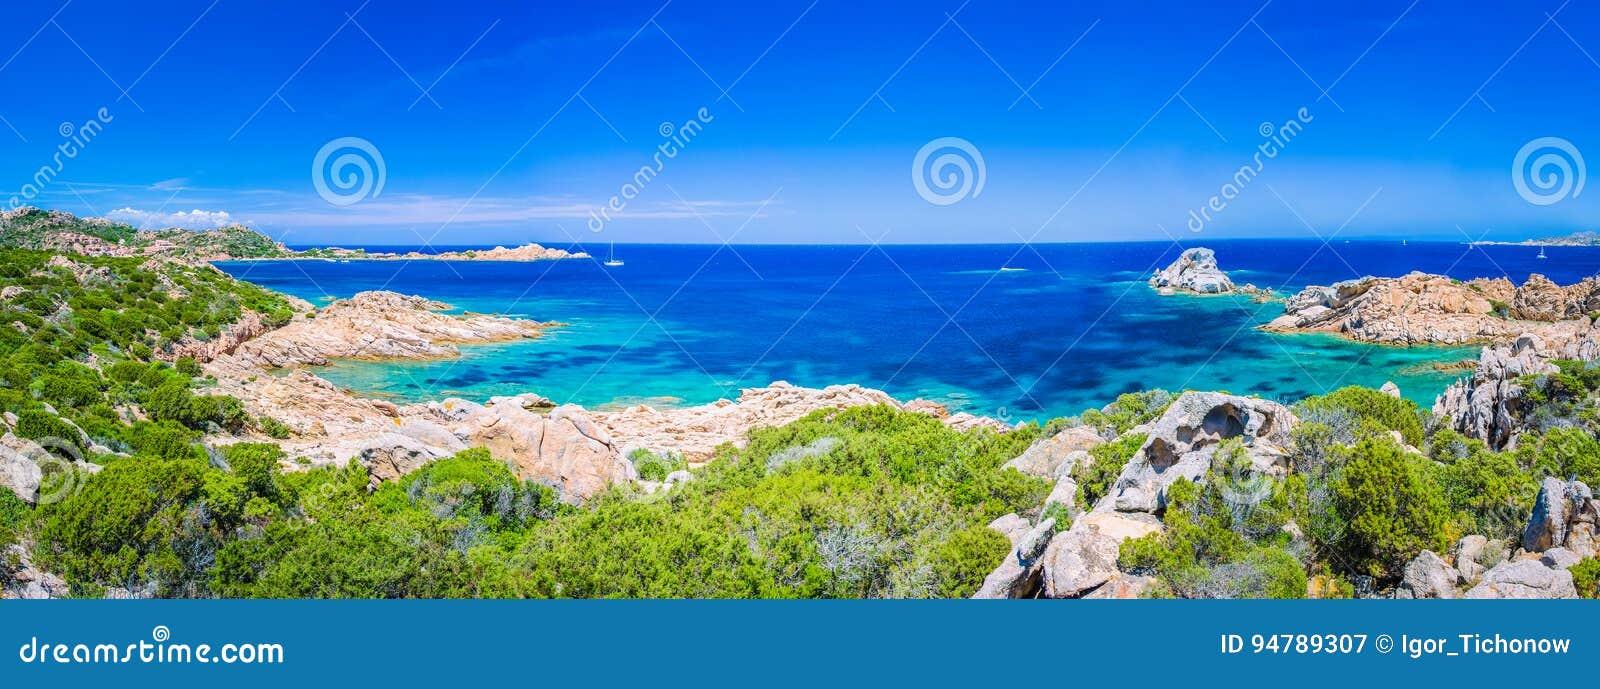 Καθαρό σαφές κυανό θαλάσσιο νερό και καταπληκτικοί βράχοι στην ακτή του νησιού της Maddalena, Σαρδηνία, Ιταλία